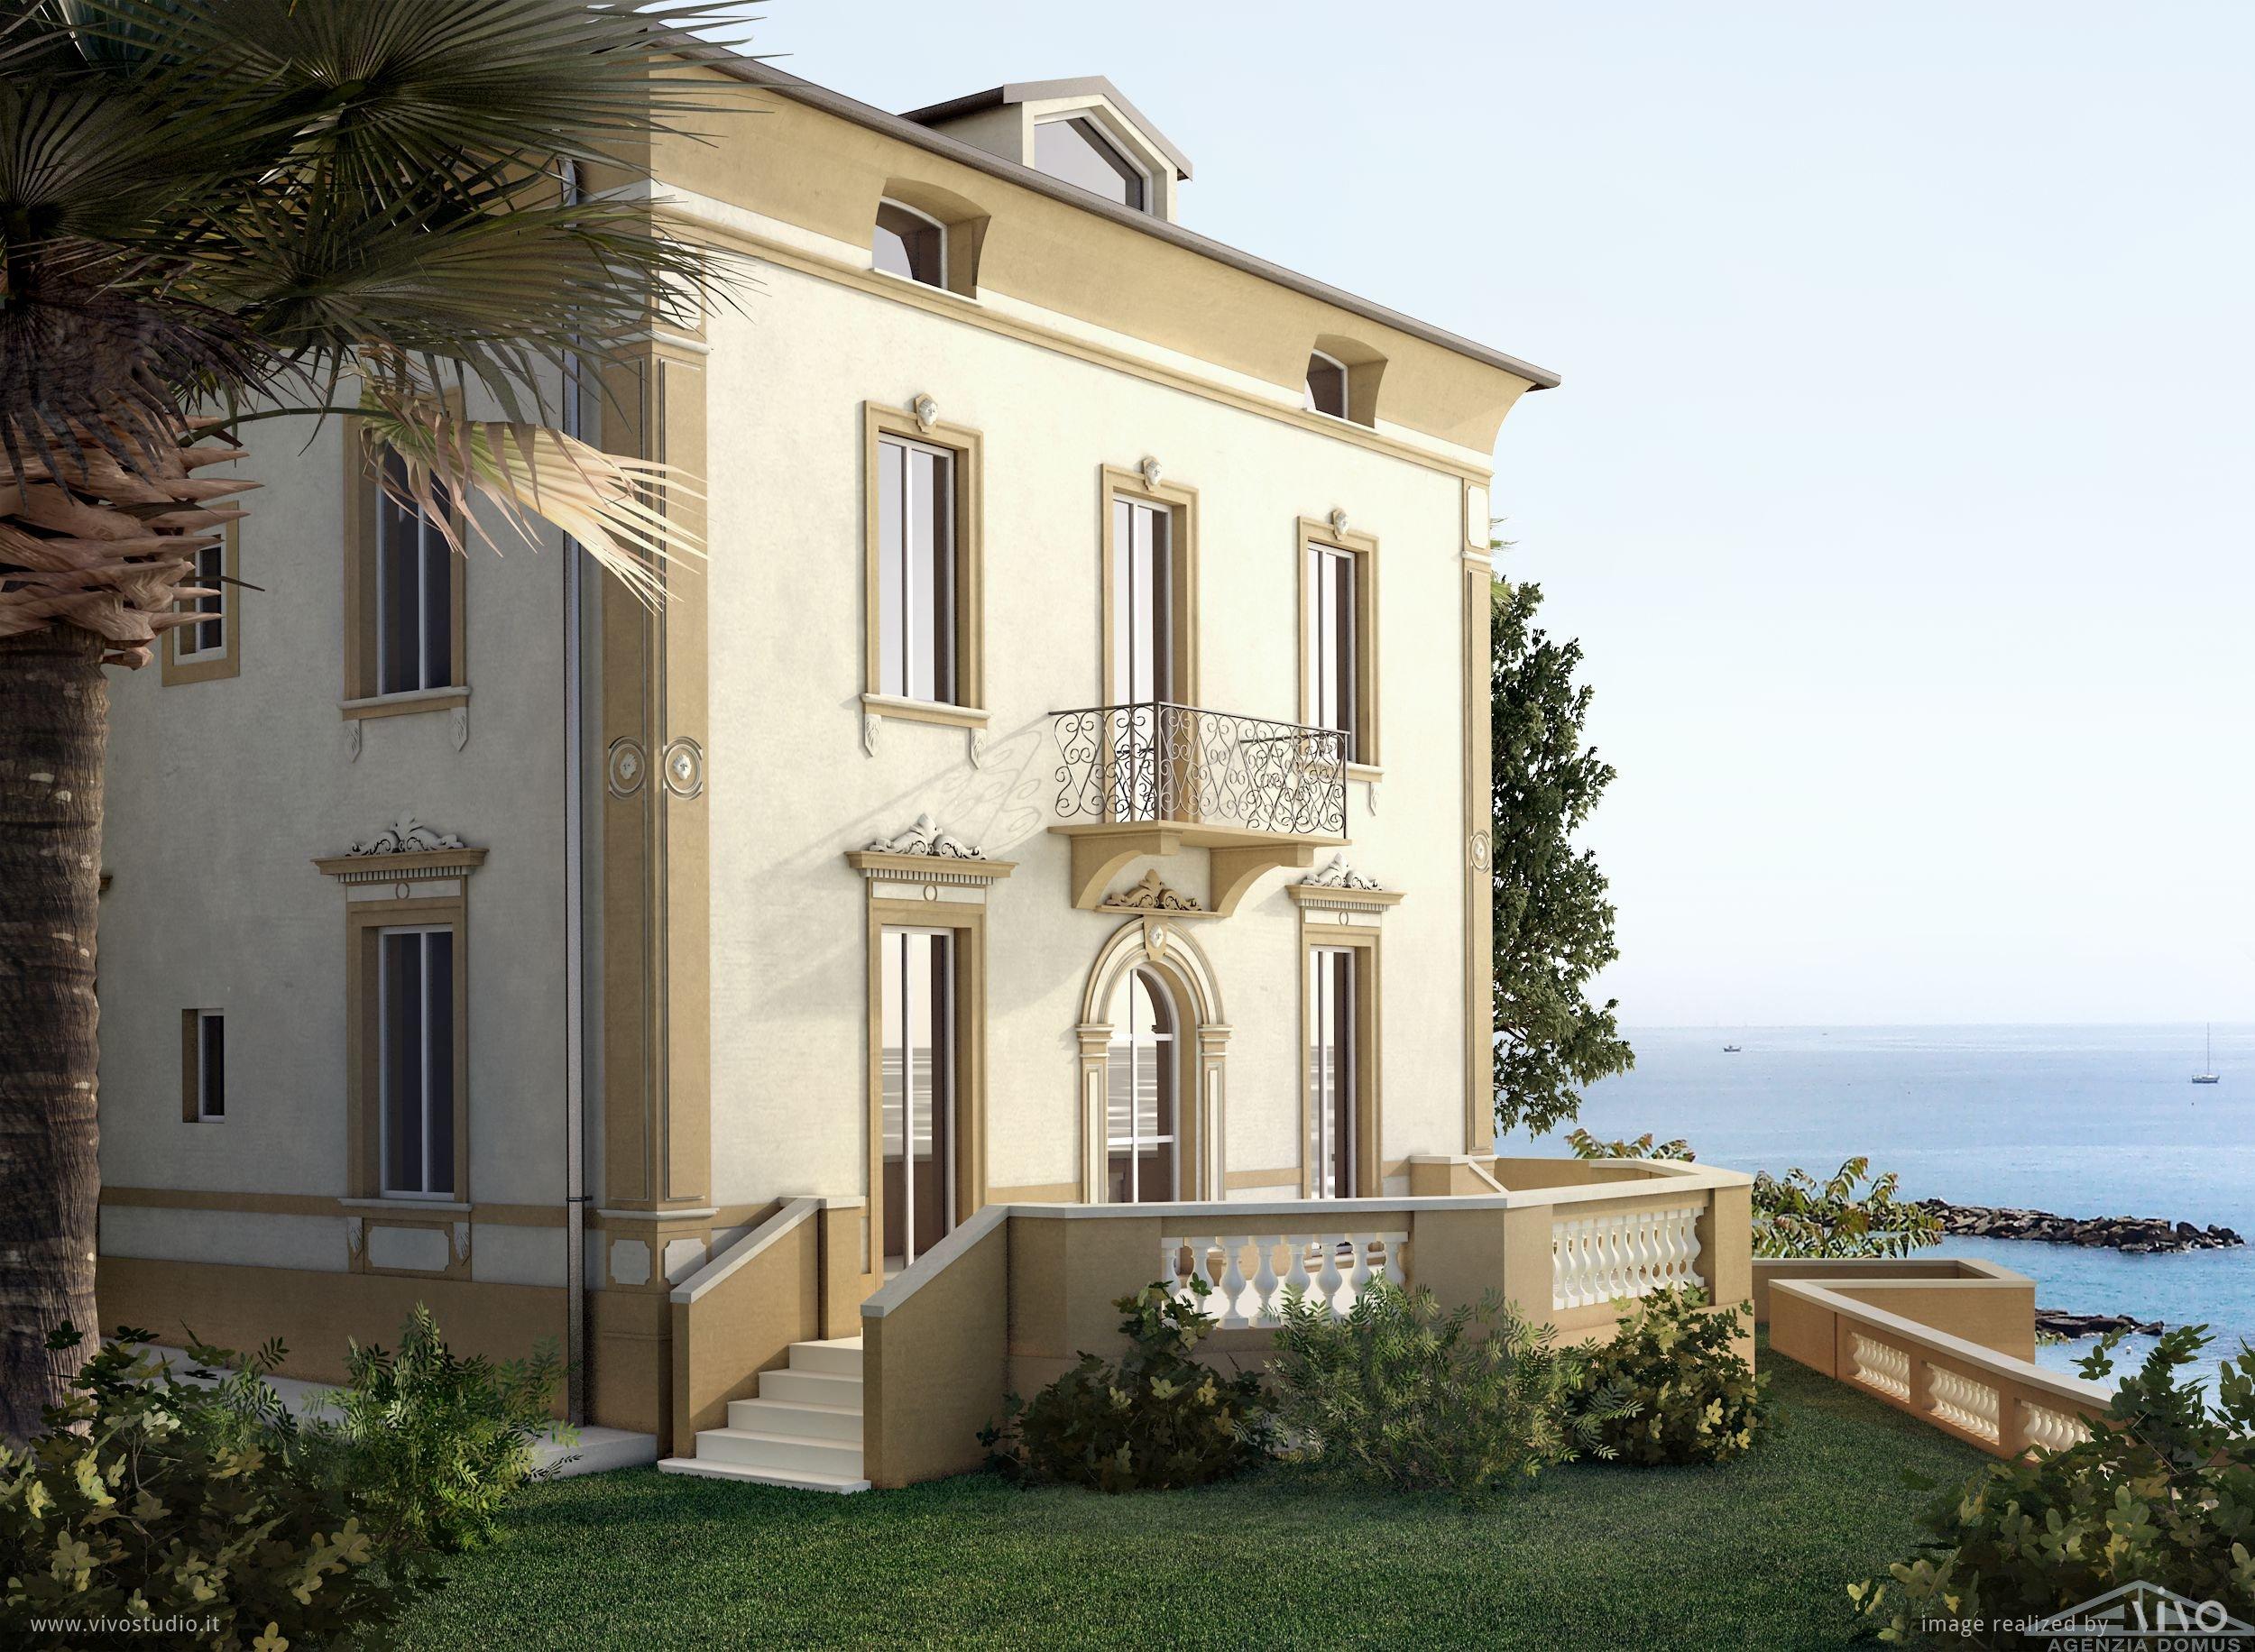 AG DOM 993 – Newly built Villa in Sanremo – Agenzia Domus